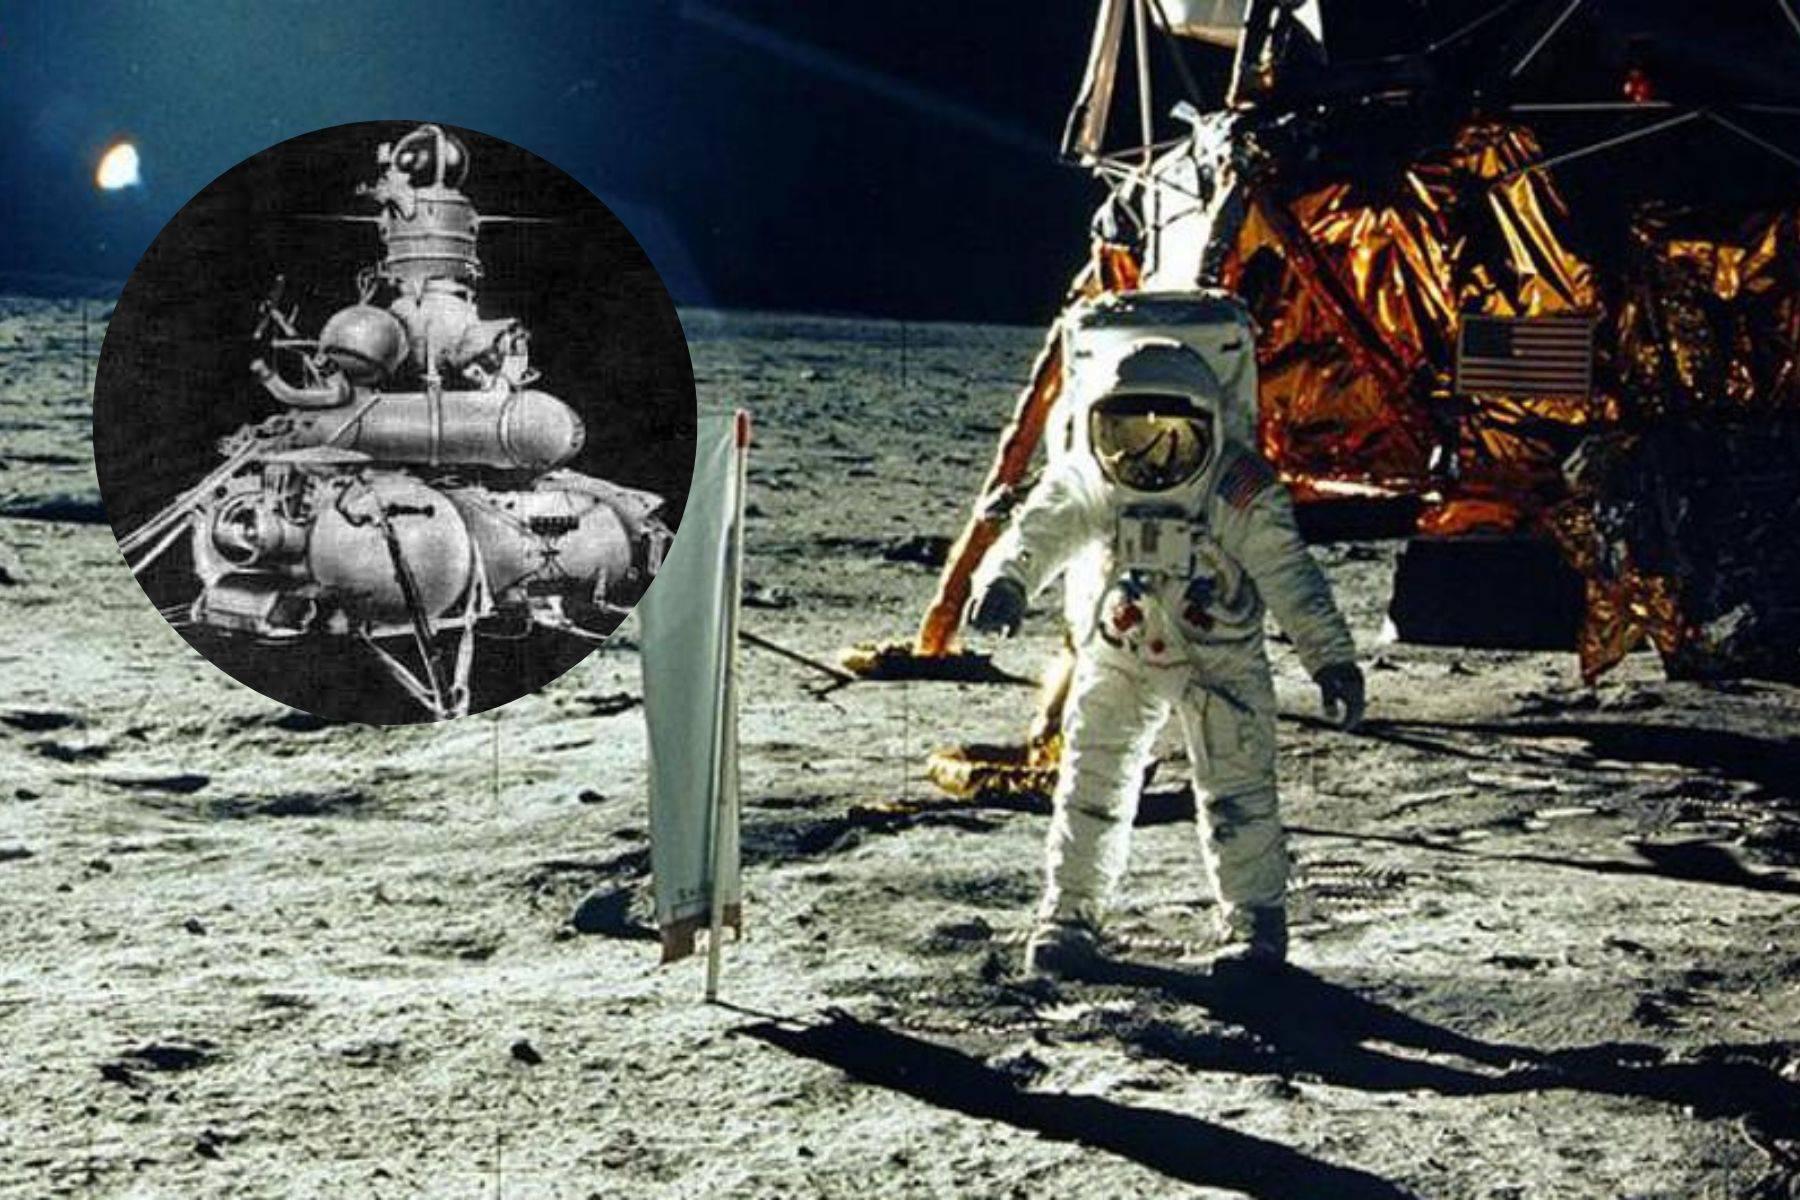 Izašli su ranije na Mjesec jer su ih čak i tamo špijunirali Sovjeti